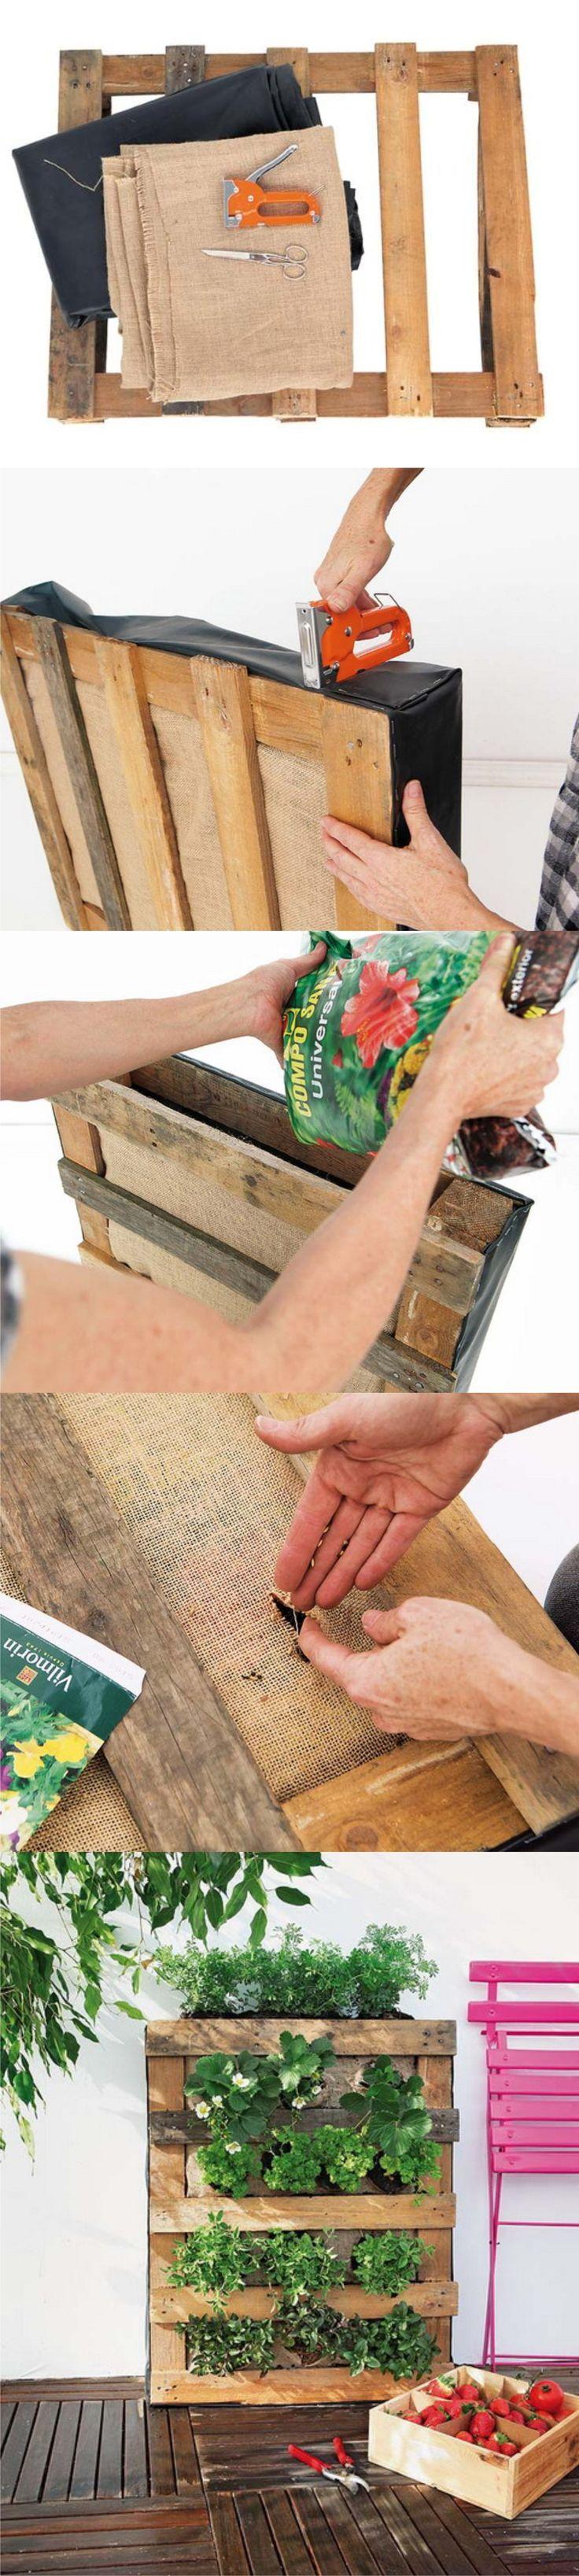 Jardin vertical usando un palet / Via www.diy-enthusiasts.com